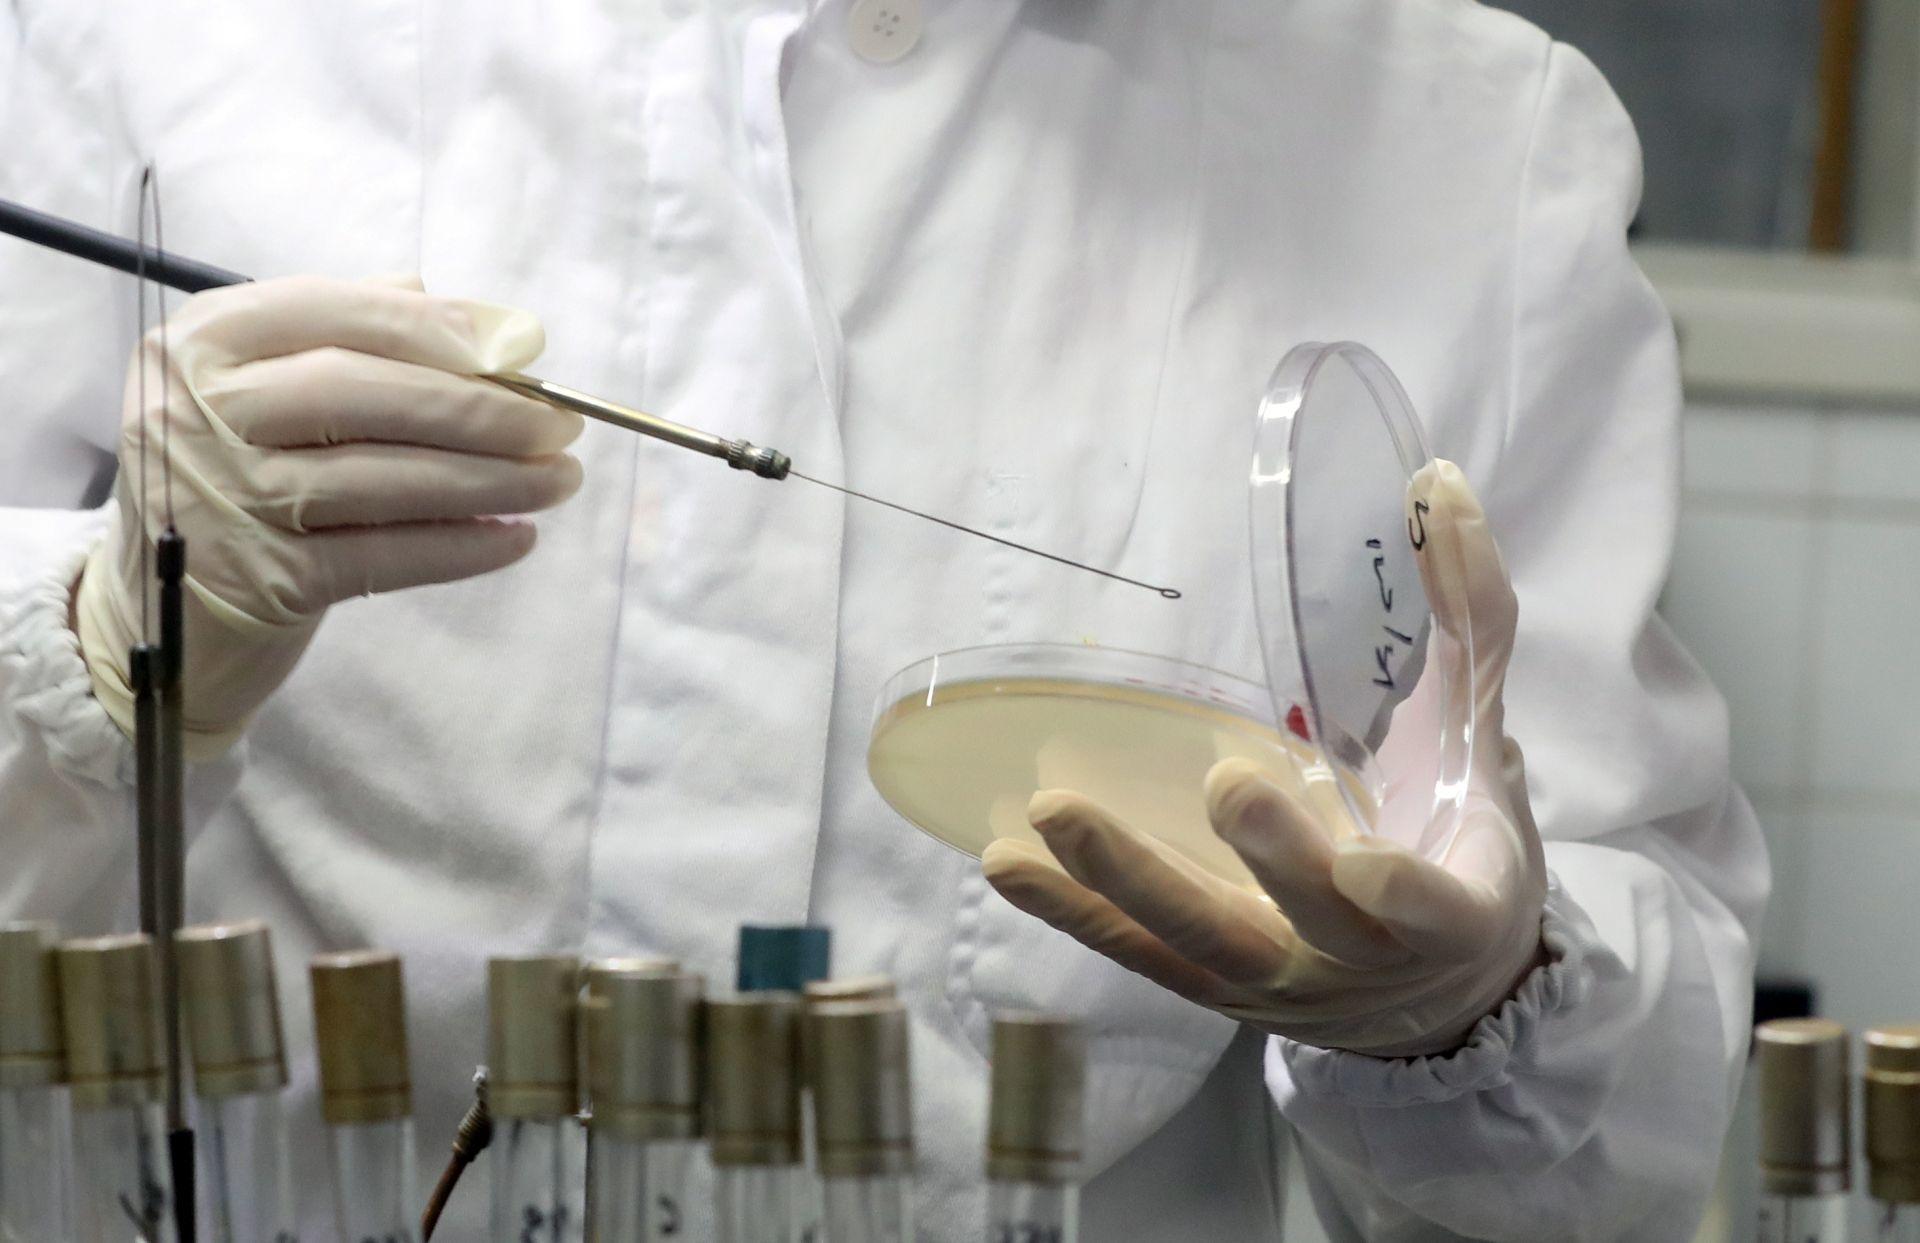 IZVJEŠĆE ZNANSTVENIKA: Običan virus možda je krivac za celijakiju